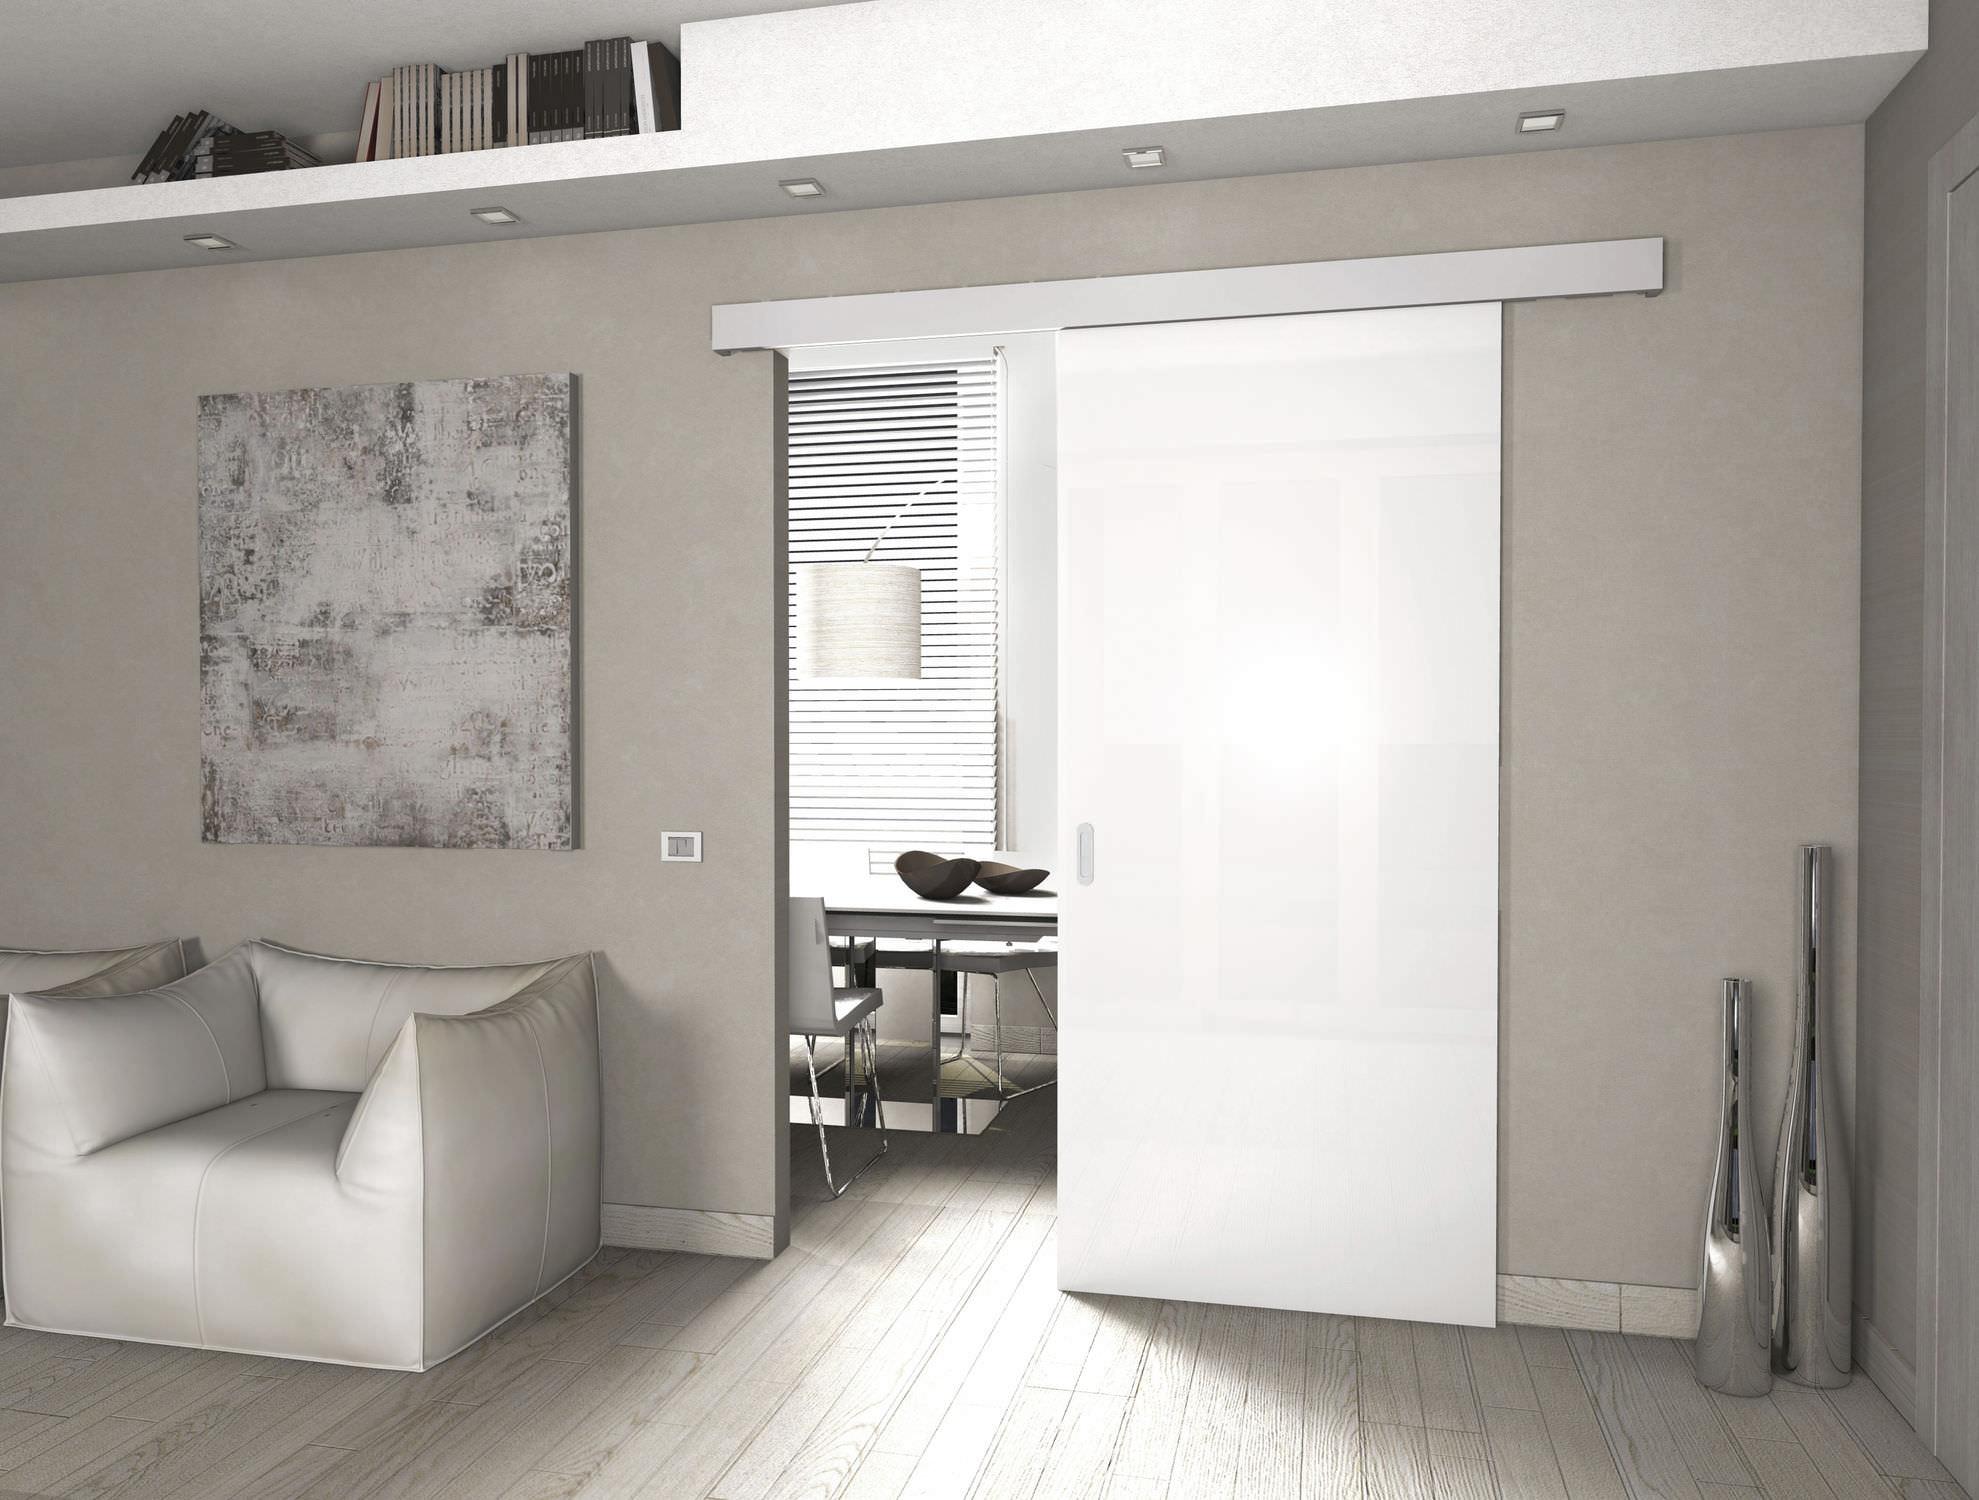 Controtelaio per porta scorrevole in vetro - LIBBRY - PROTEK